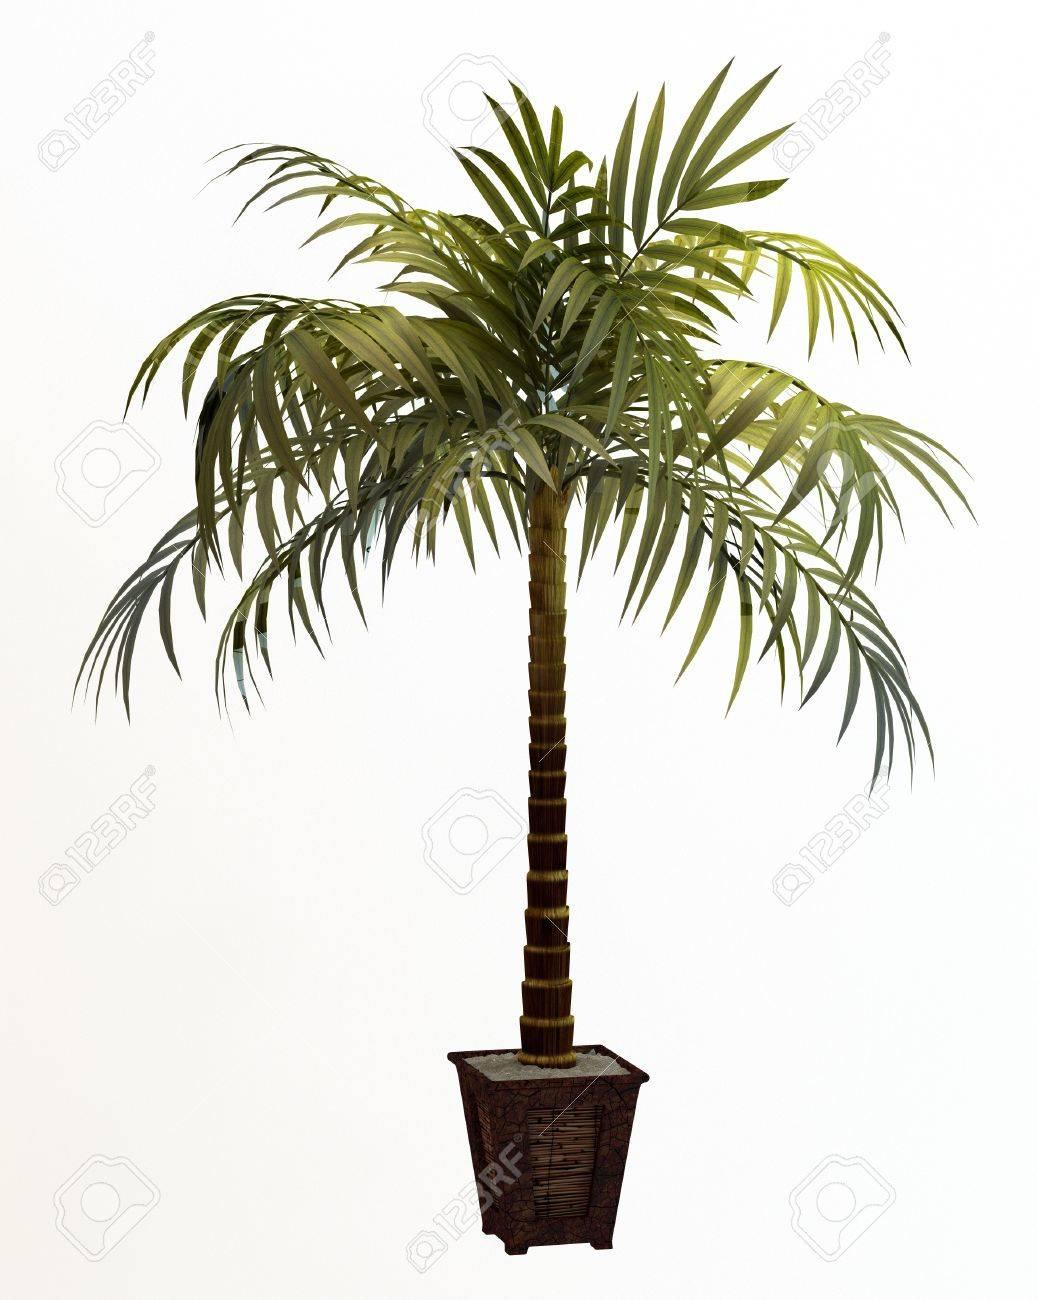 Small decorative tree Stock Photo - 10016865